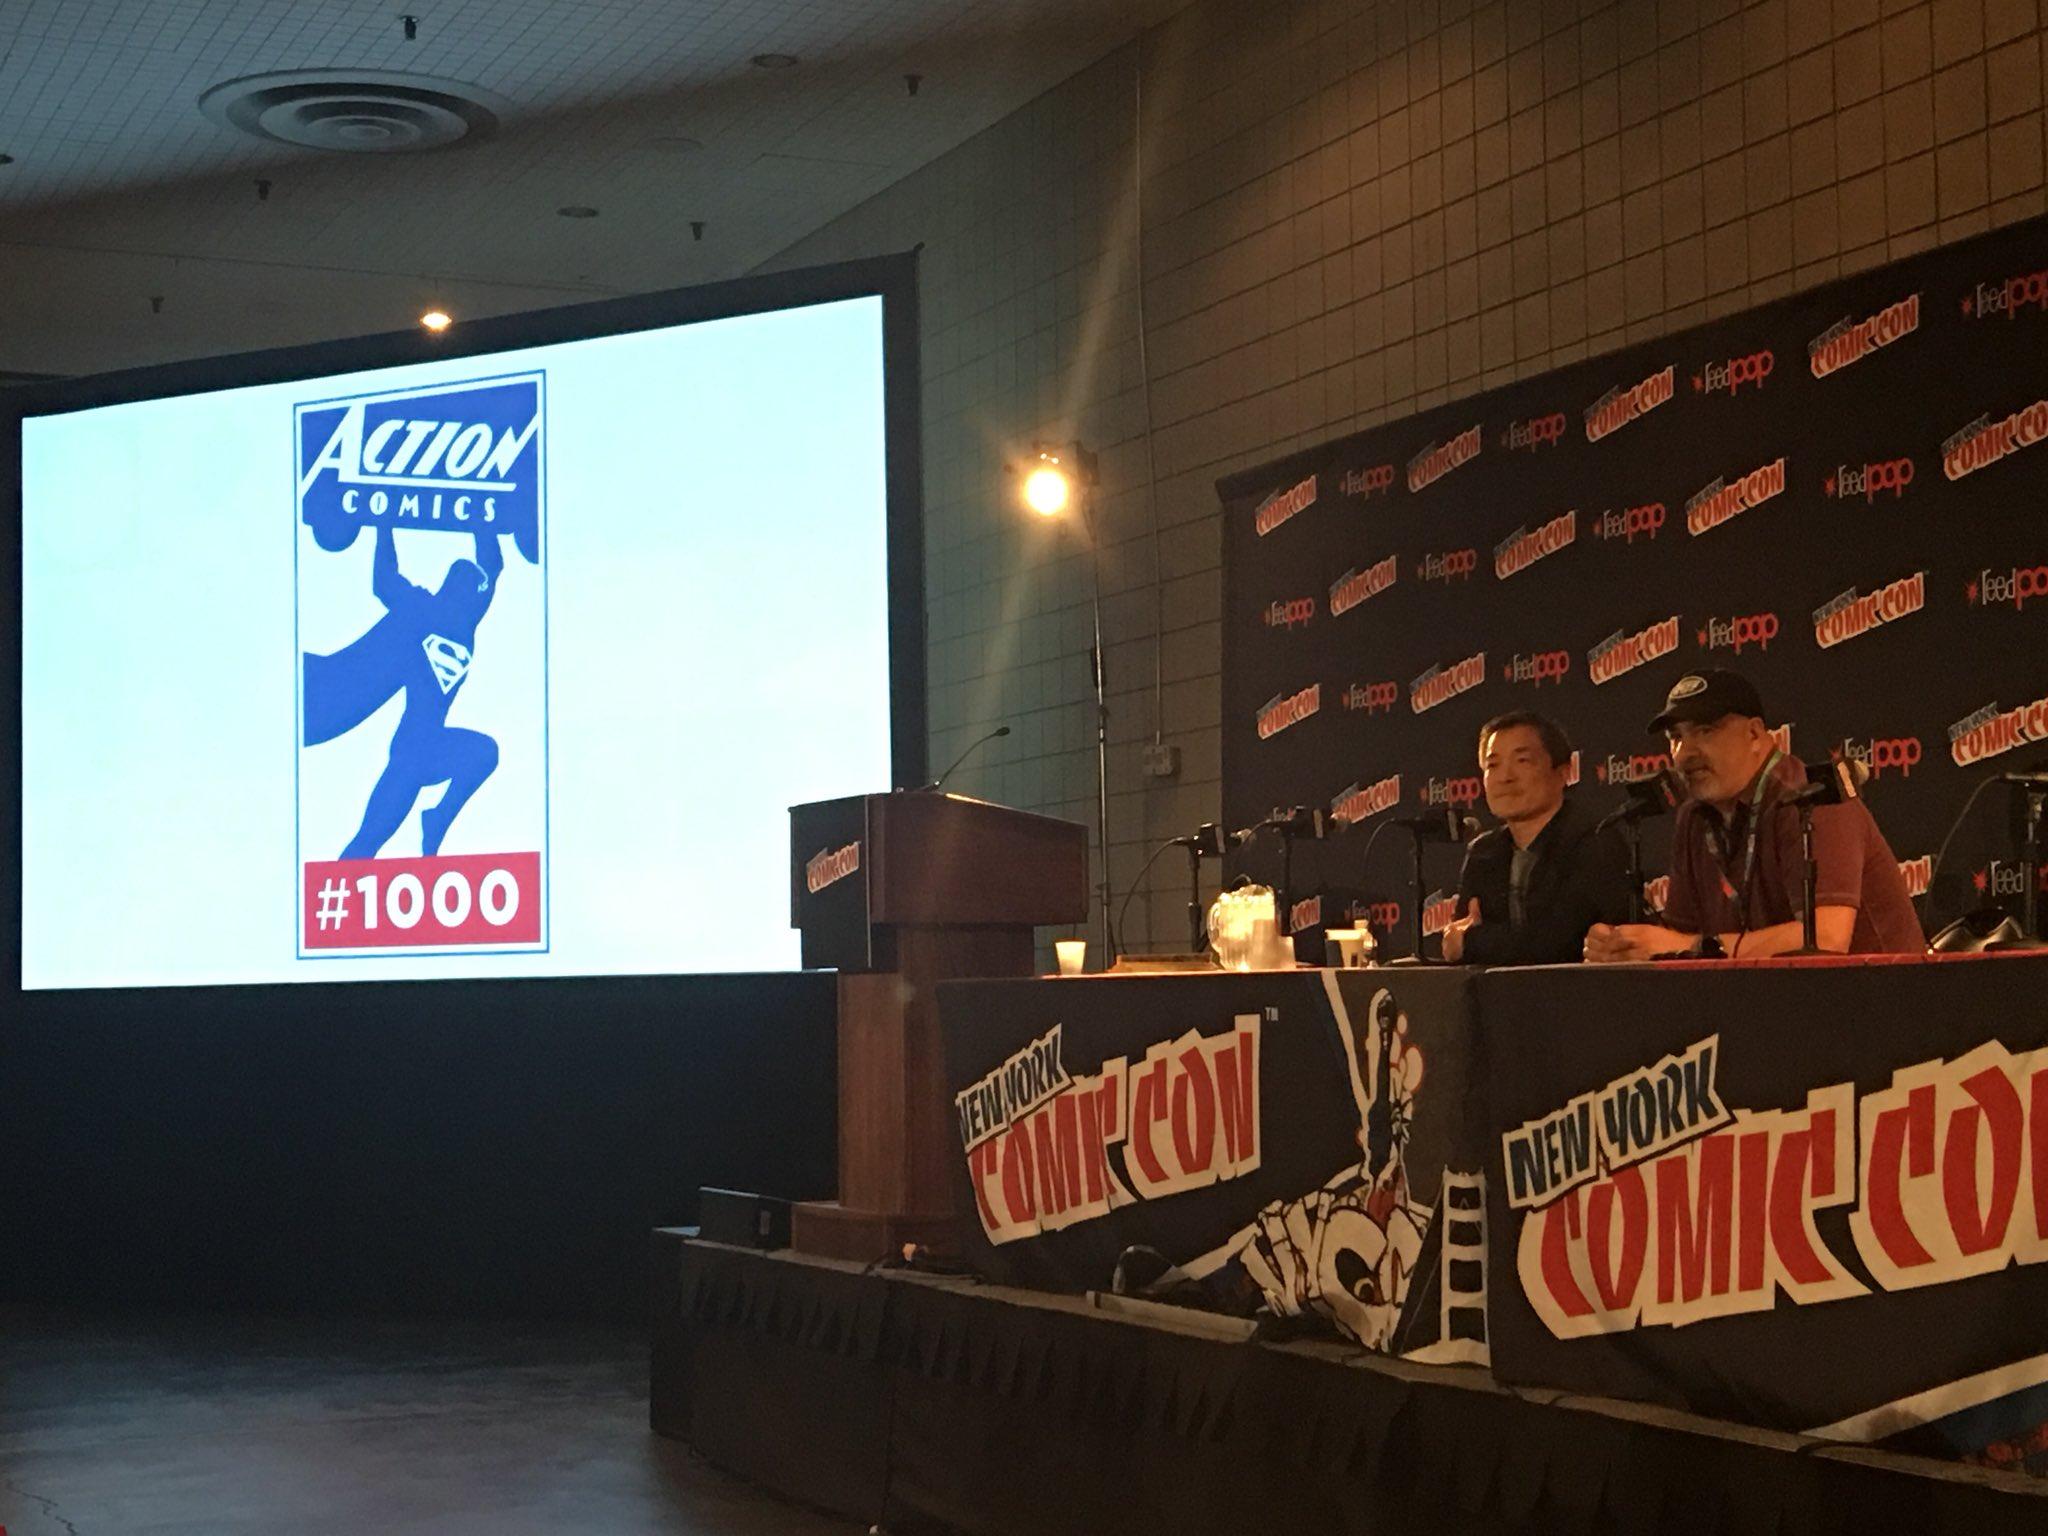 Resultado de imagem para Action Comics 1000 exclusive logo